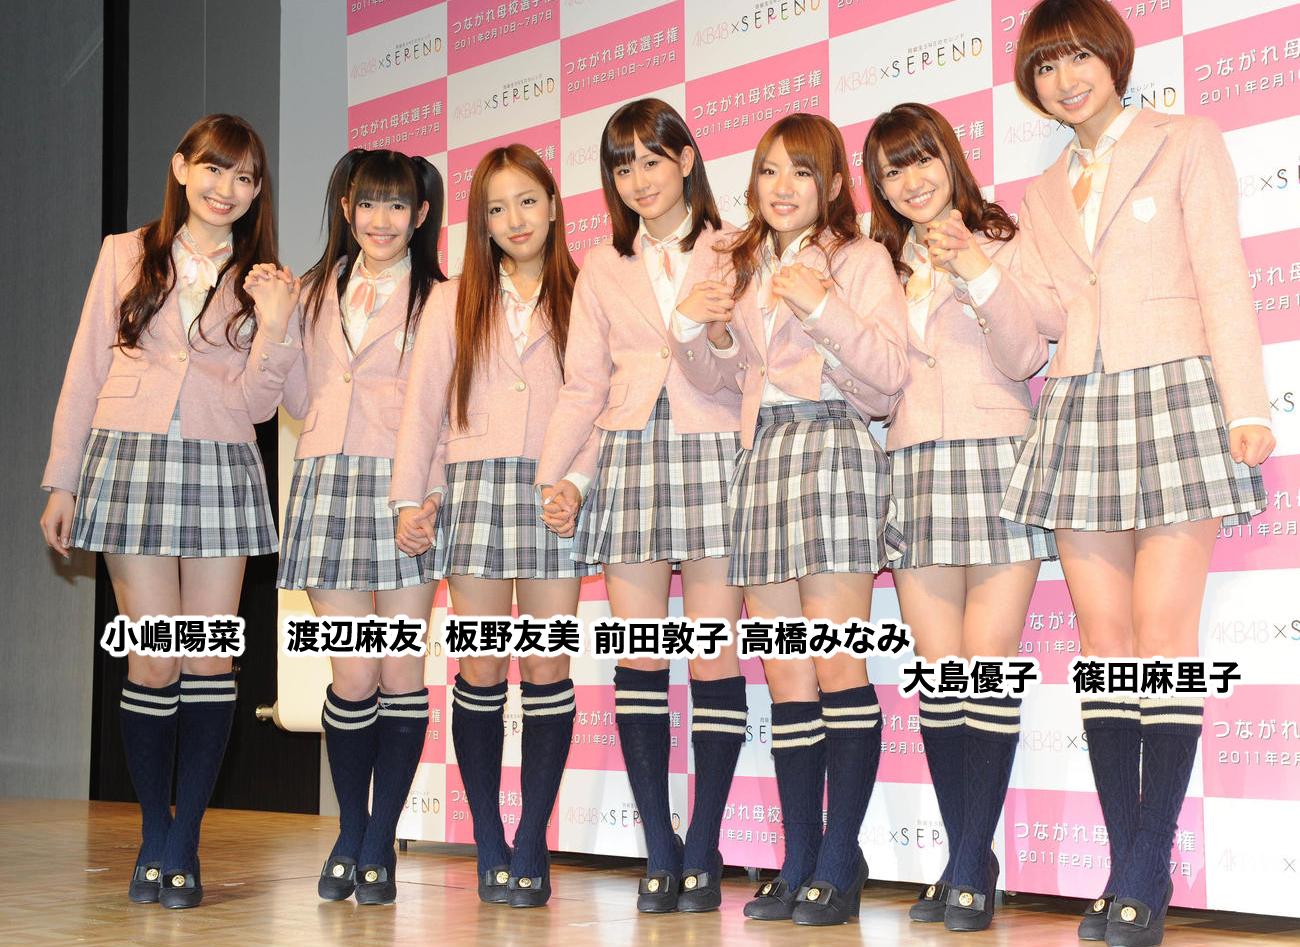 AKB48で神7と呼ばれたメンバー